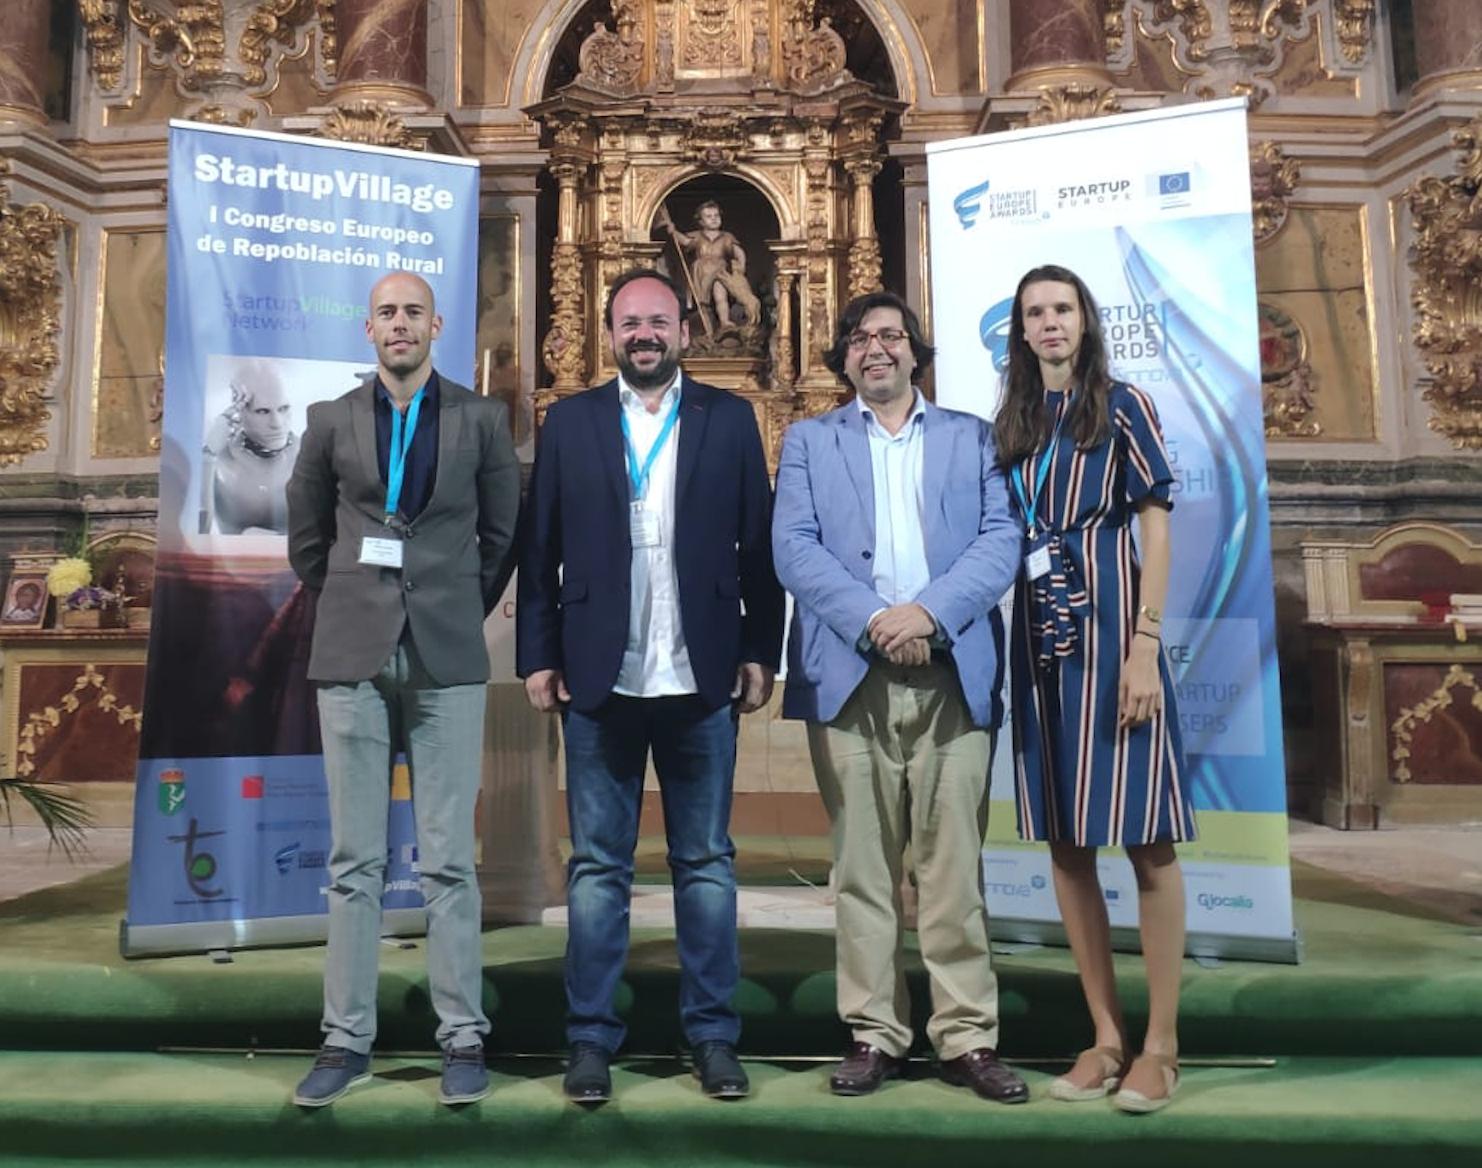 Vilamarxant ha expuesto su modelo de Centro de Emprendimiento e Innovación del Túria (CEITuria) durante la celebración del Startup Village en Villahoz (Burgos)